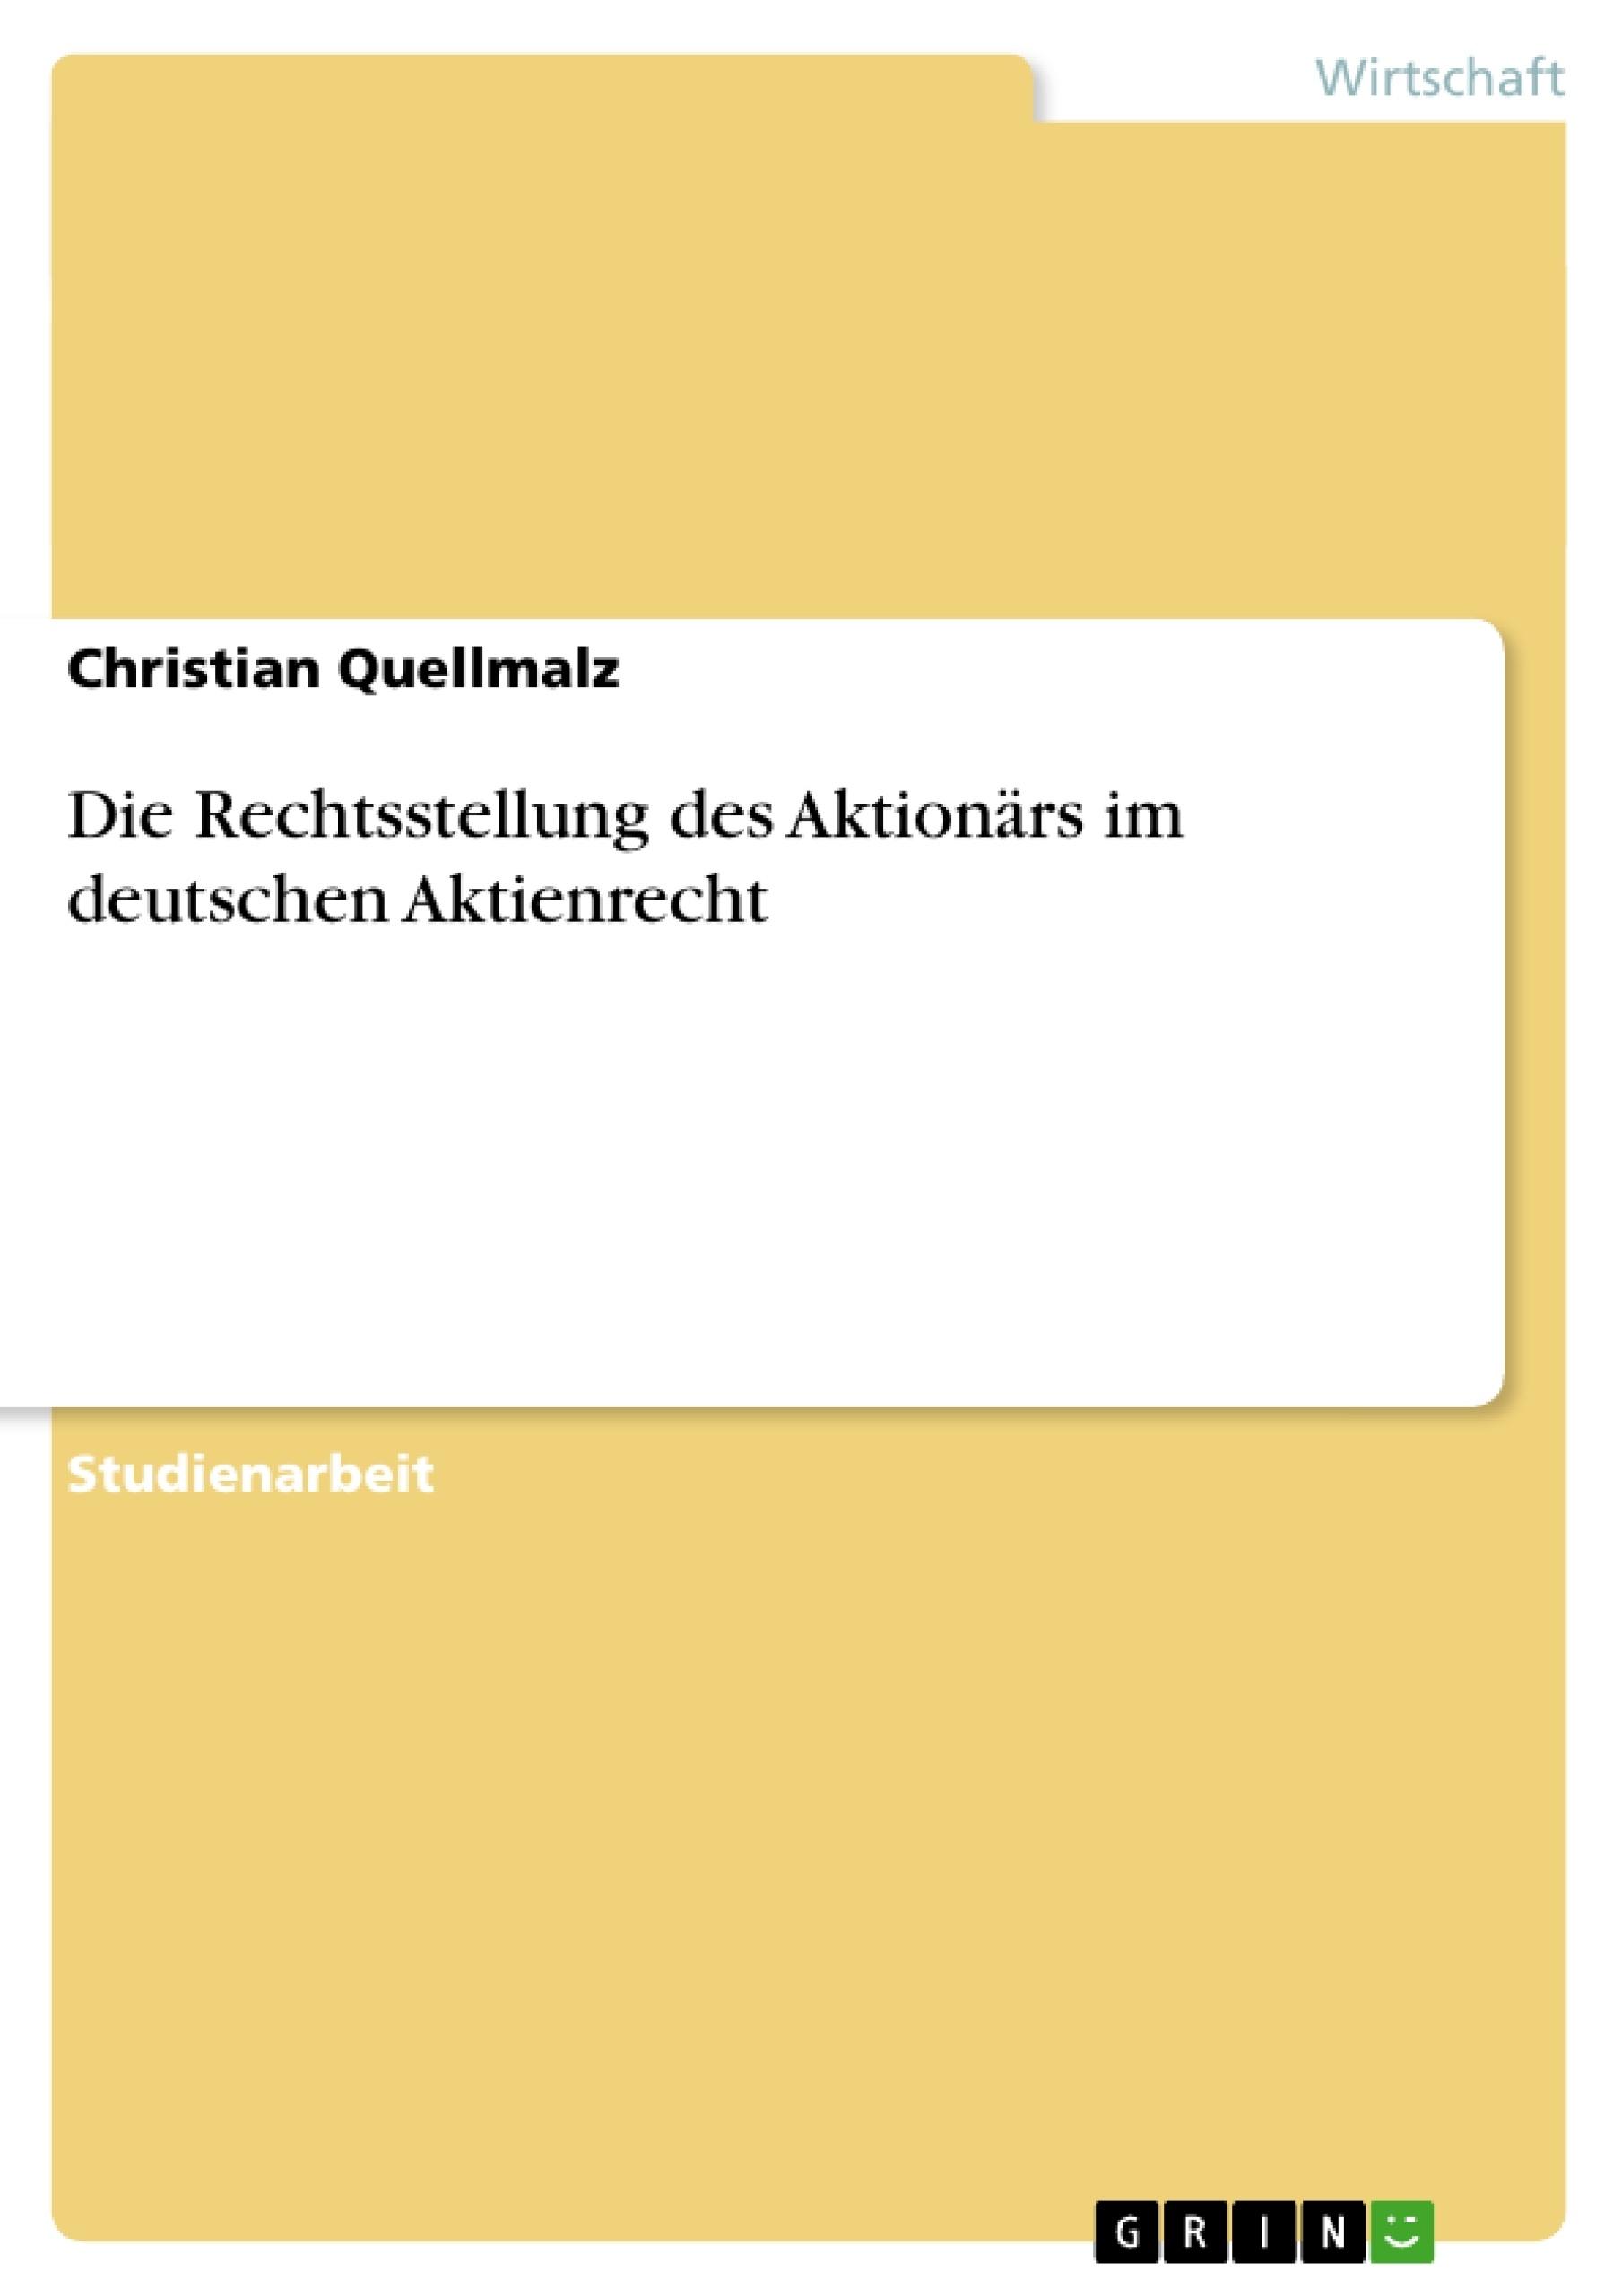 Titel: Die Rechtsstellung des Aktionärs im deutschen Aktienrecht